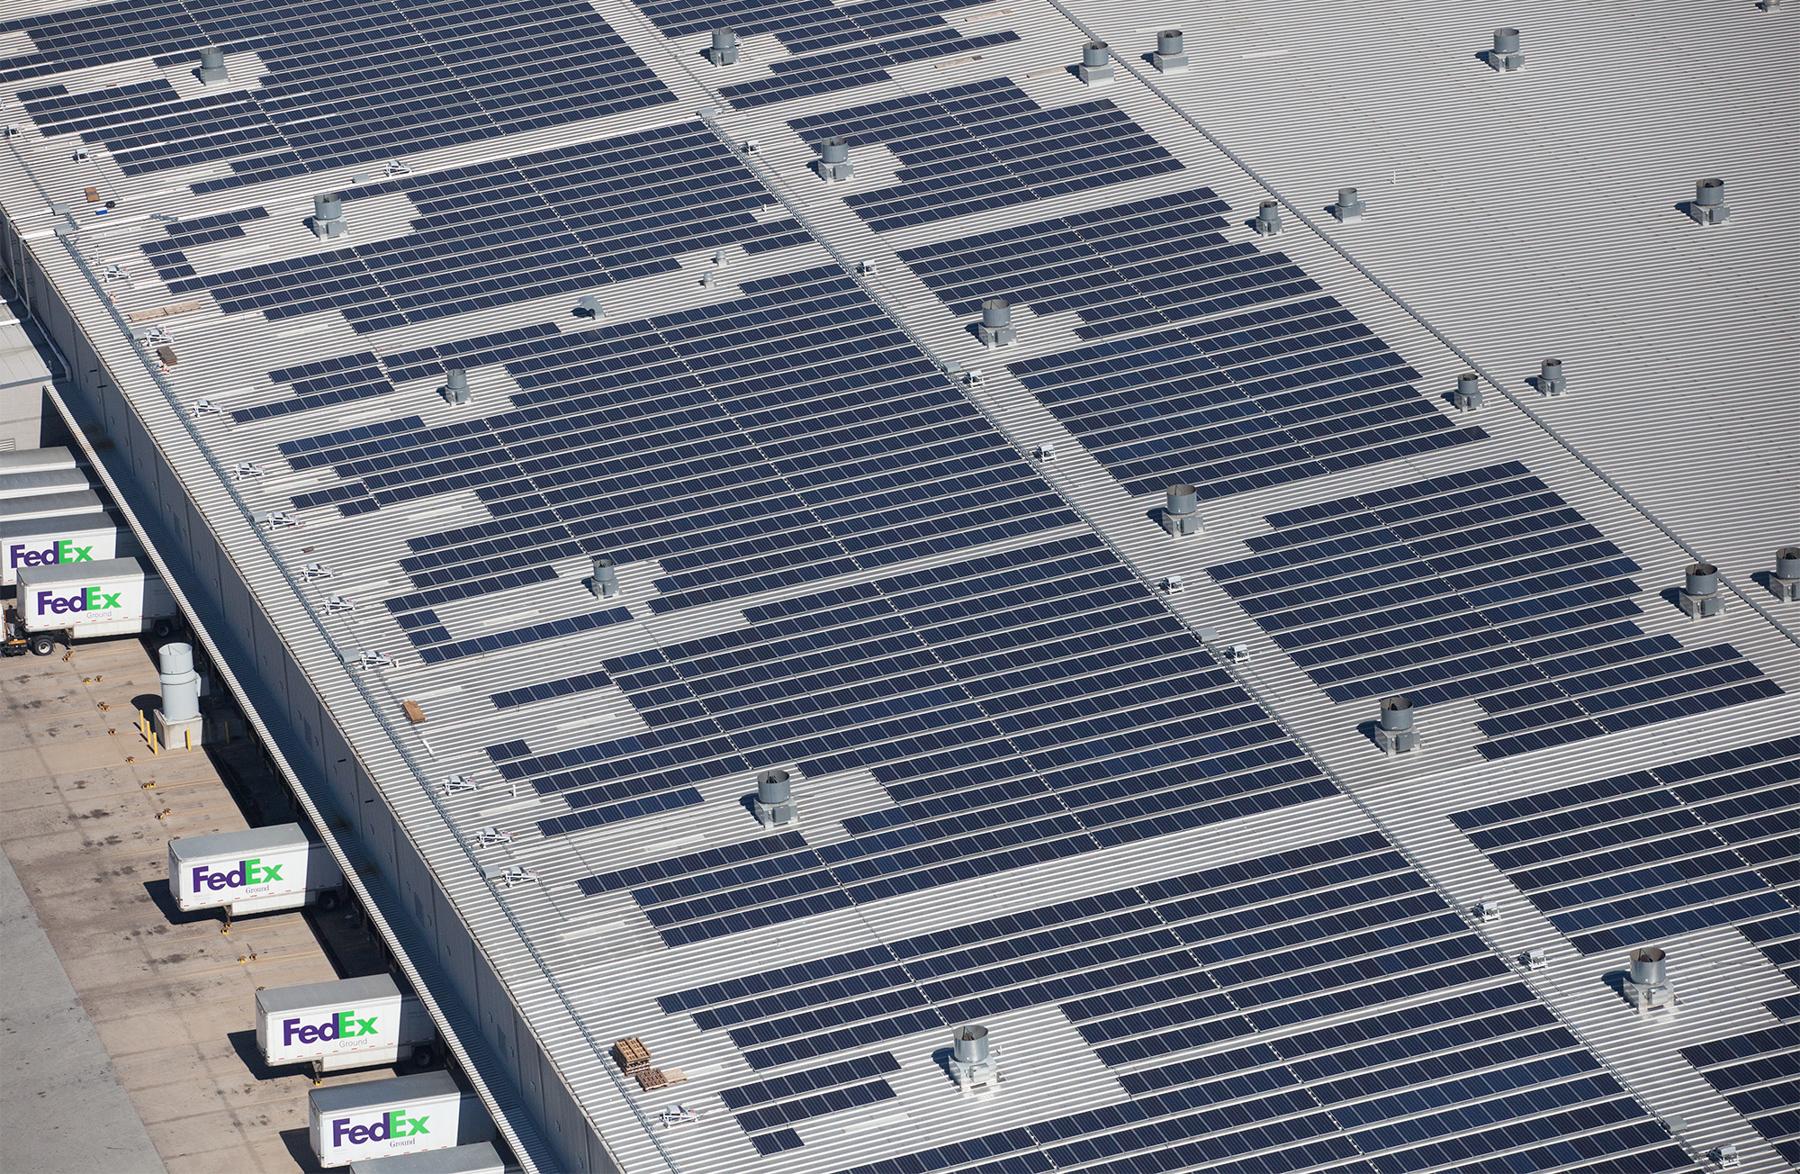 Vue aérienne de camions FedEx garés à côté d'un grand bâtiment dont le toit est recouvert de panneaux solaires (FedEx)